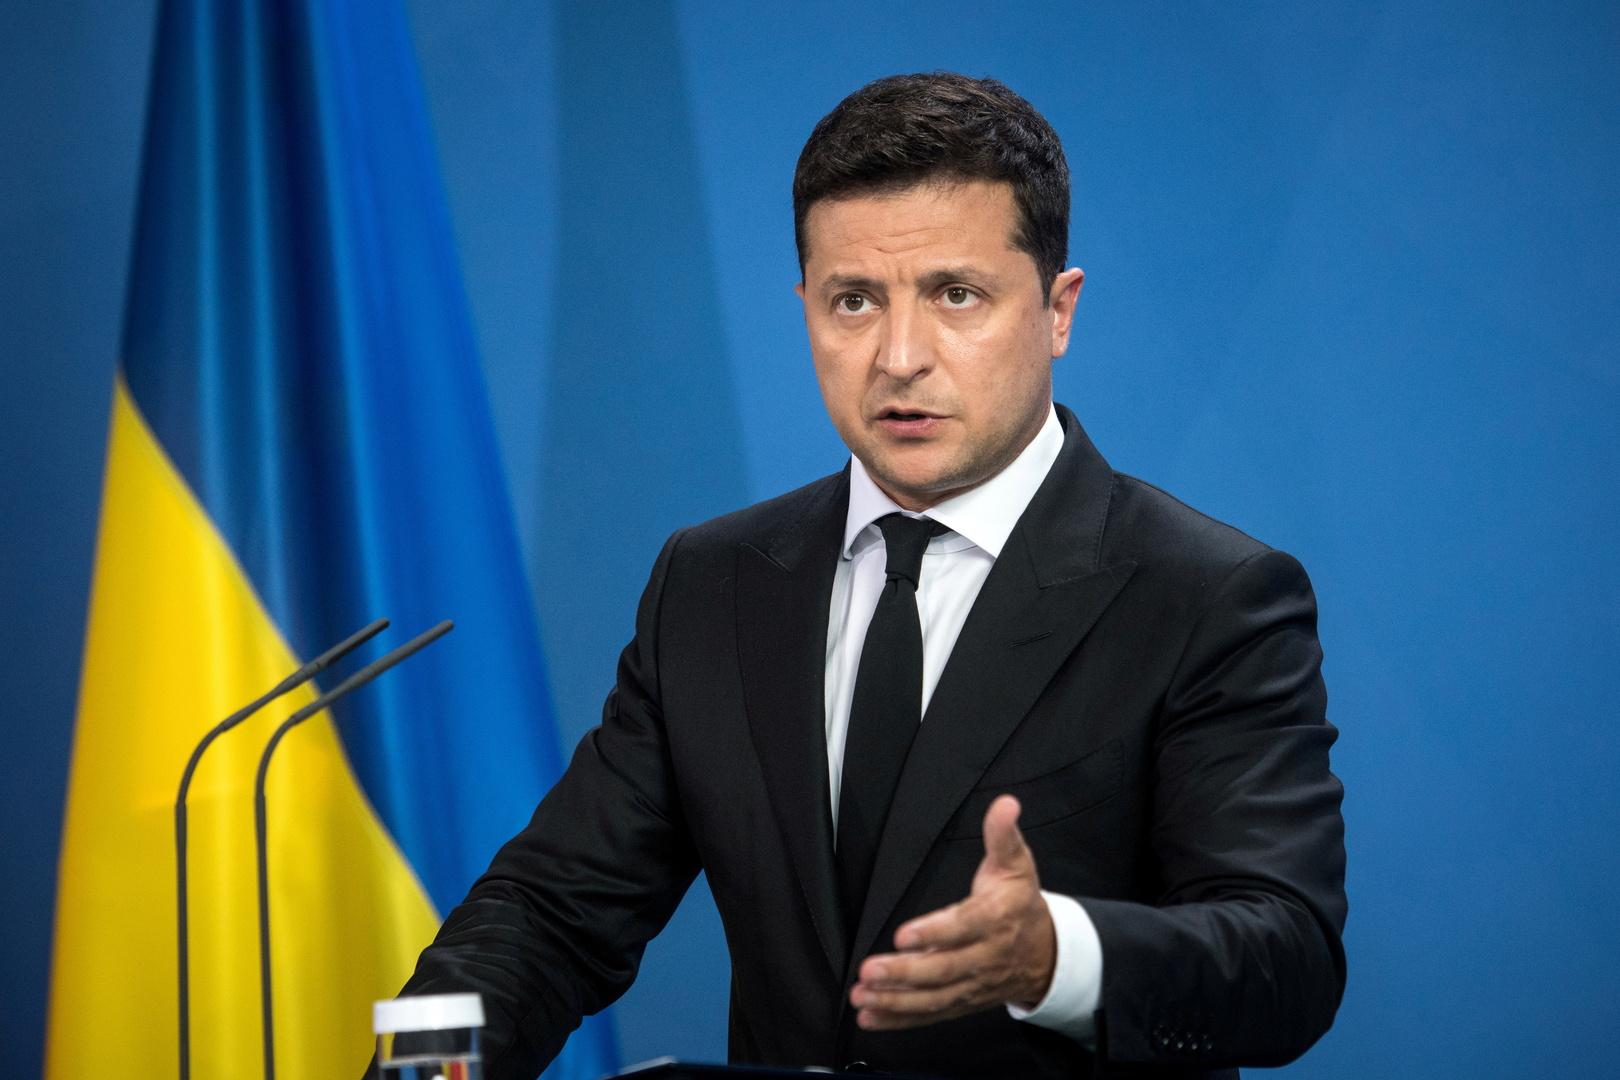 زيلينسكي: كييف لم تتلق ردا مباشرا من واشنطن بشأن عضوية الناتو